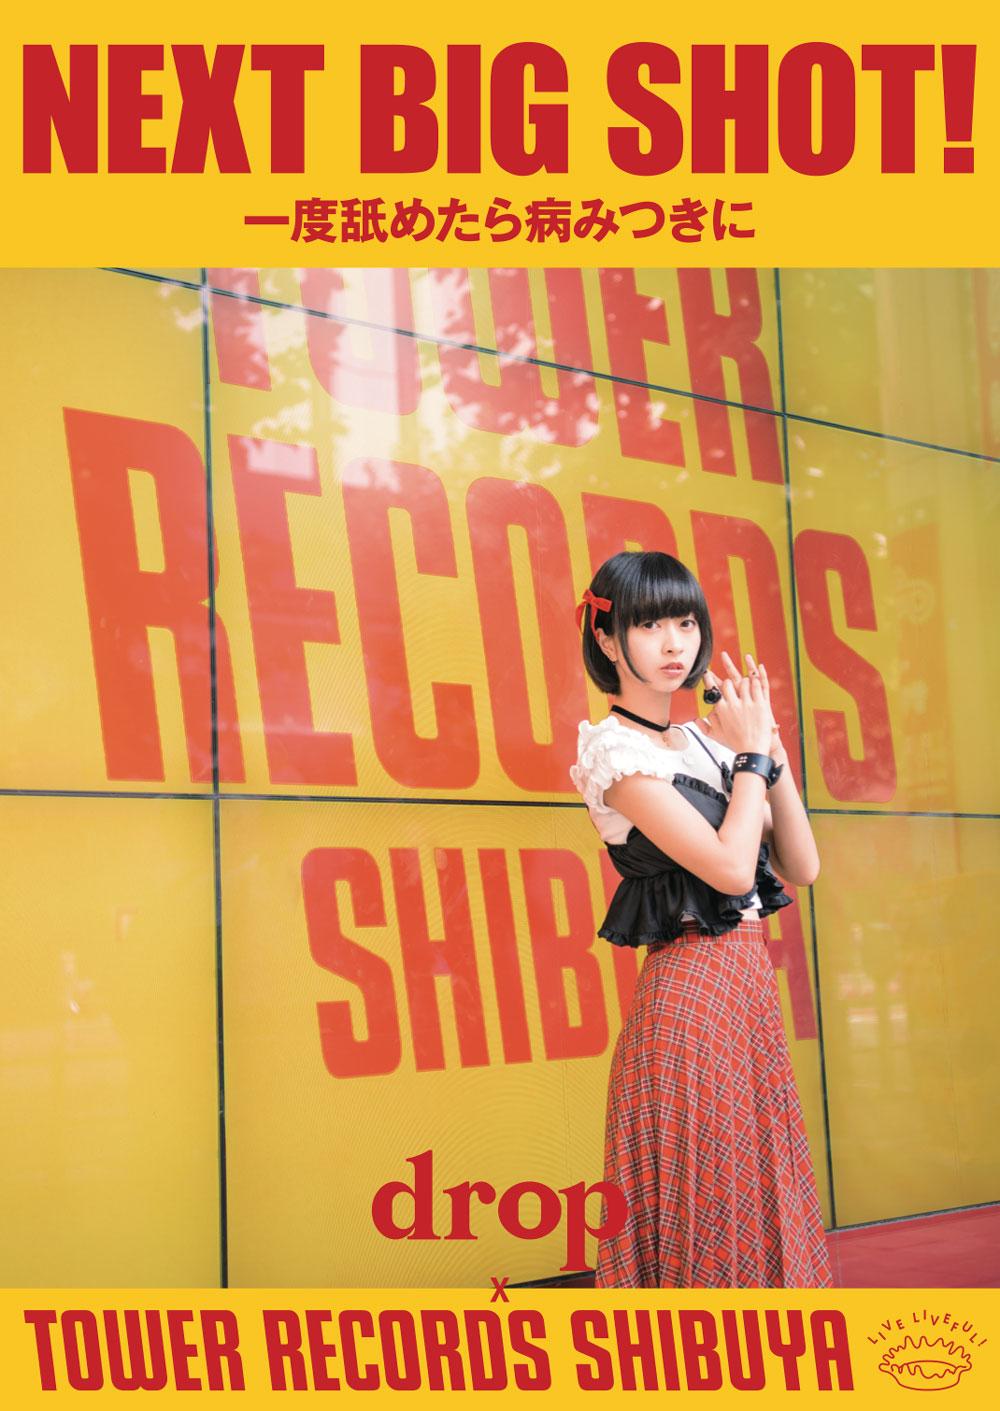 drop タワーレコード渋谷店 コラボポスター三嵜みさと